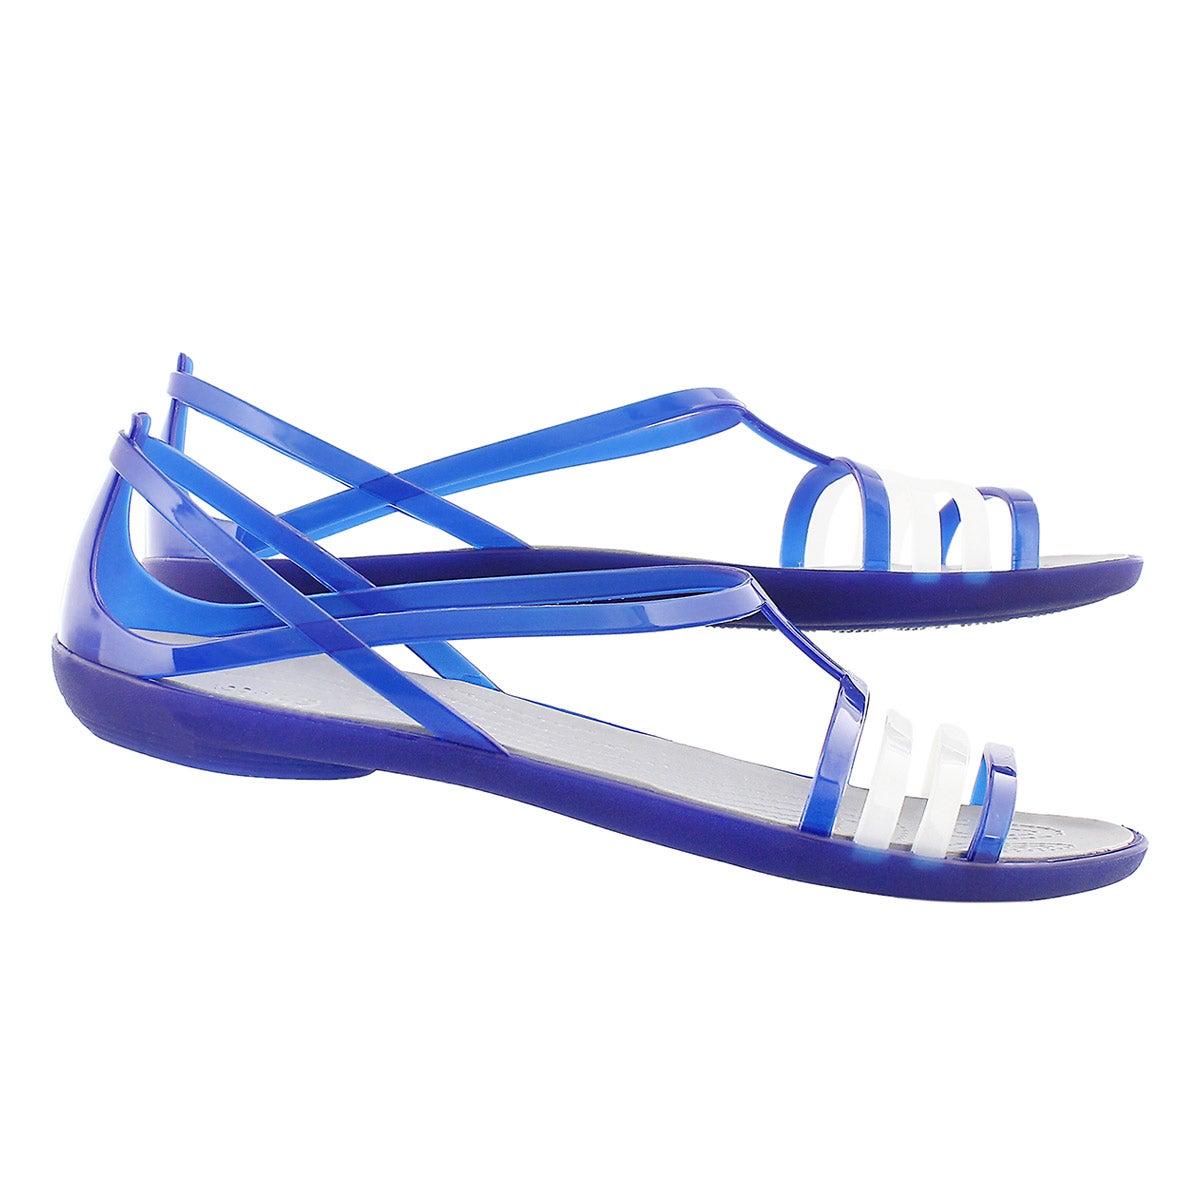 Sandale Isabella, bleu, femmes